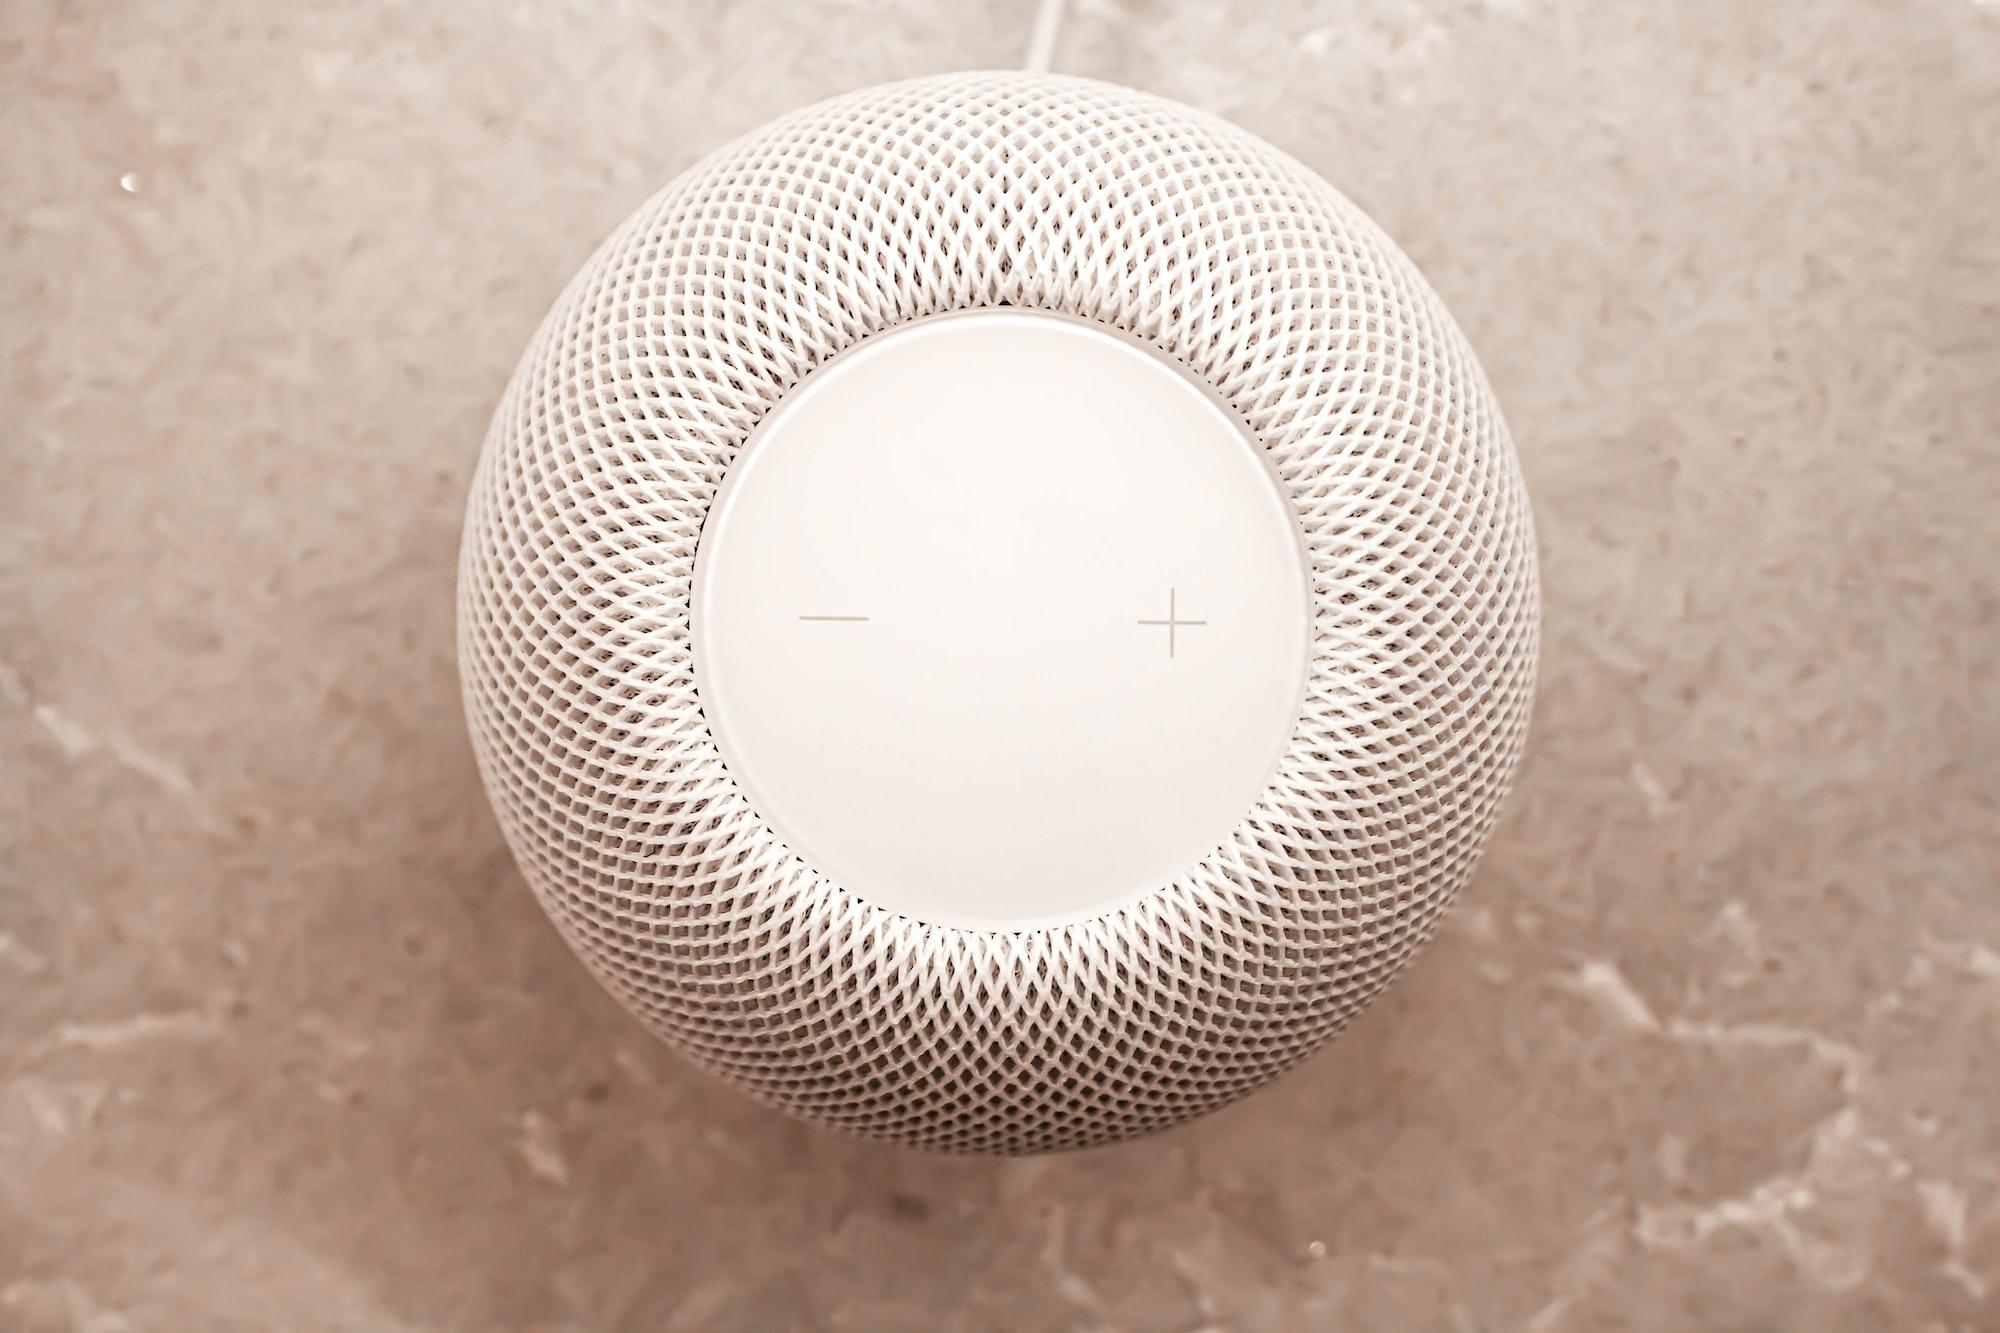 Compra o HomePod mini em Espanha e recebe-o em Portugal